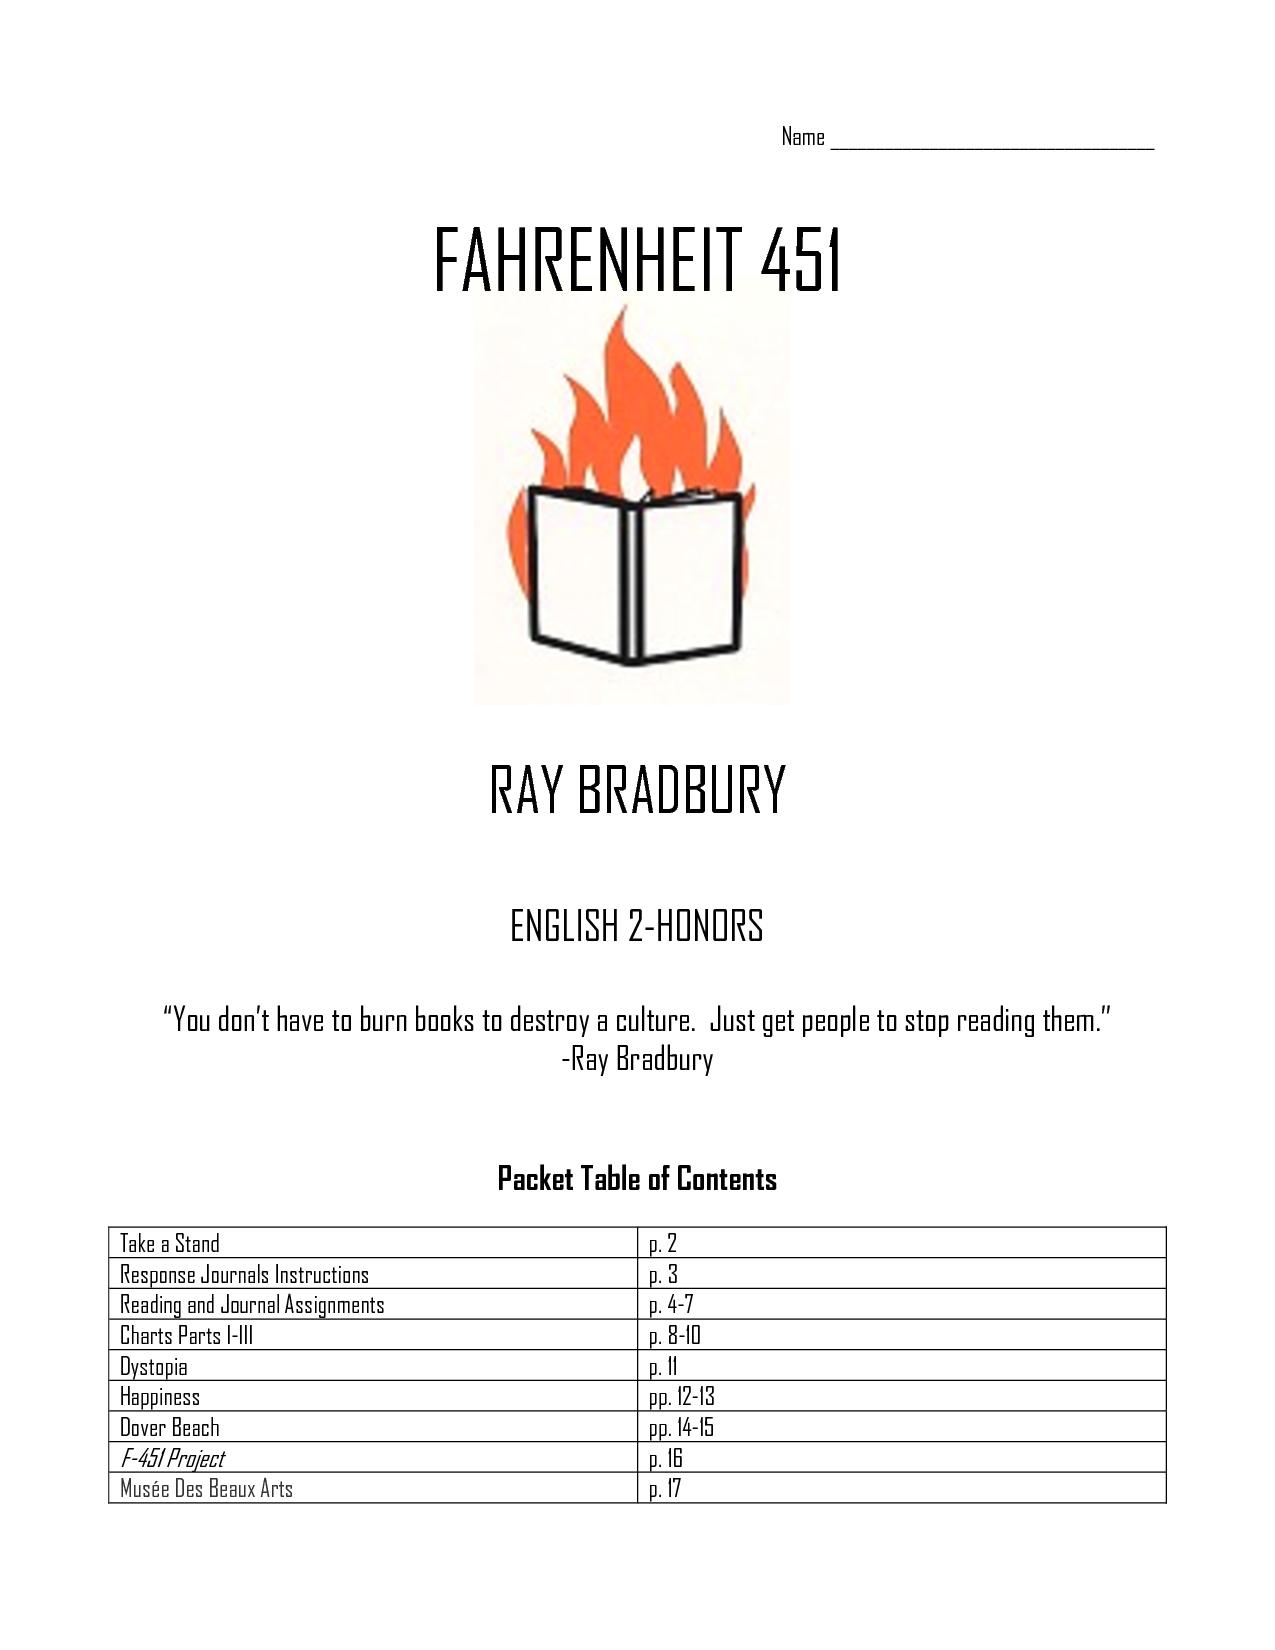 Fahrenheit 451 Analysis